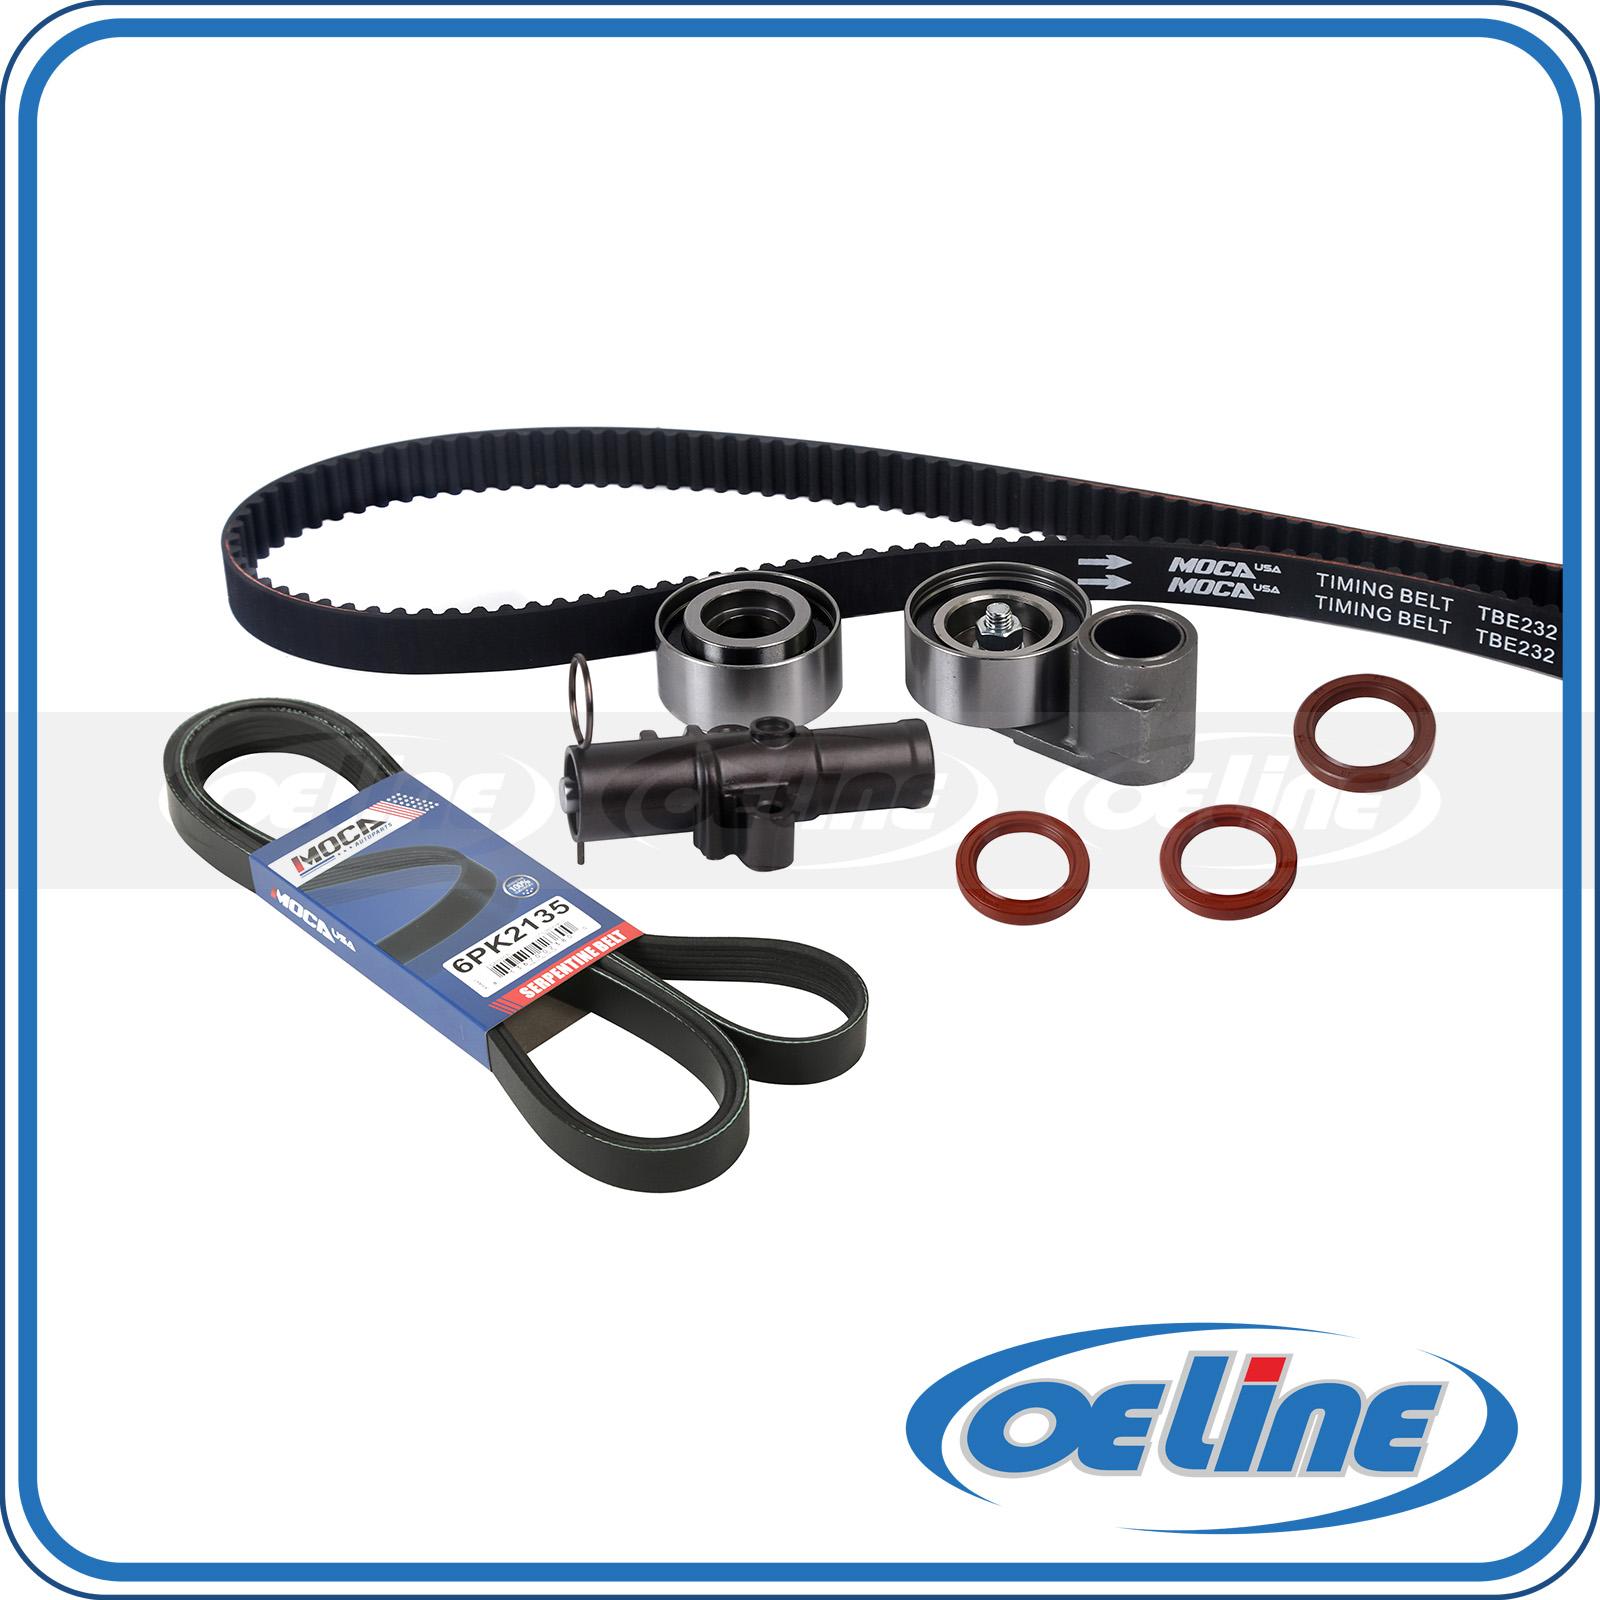 Timing Belt Kit Serpentine Belt For 03-08 Honda Pilot